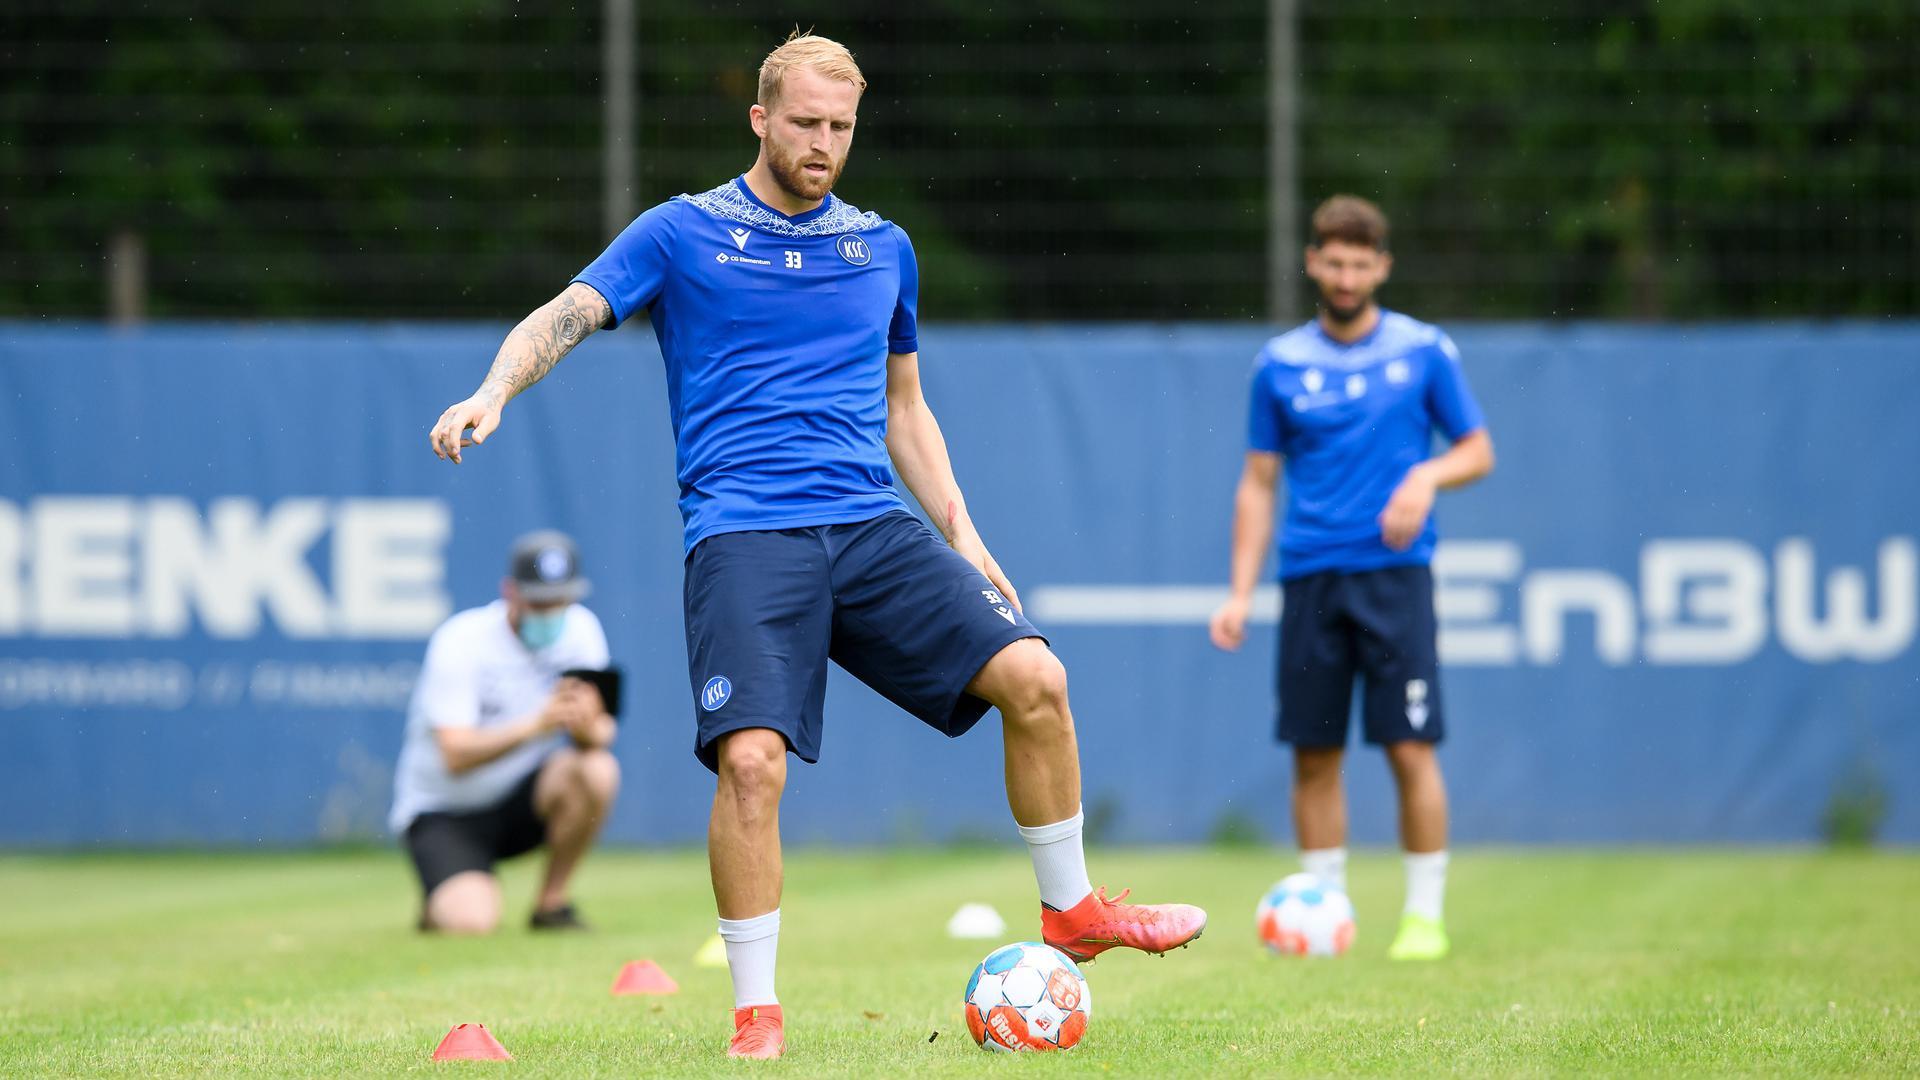 Zurück beim KSC: Torjäger Philipp Hofmann startete am Sonntag beim Karlsruher SC in die Saisonvorbereitung. Einen Wechsel nach Hamburg schloss er danach aus.